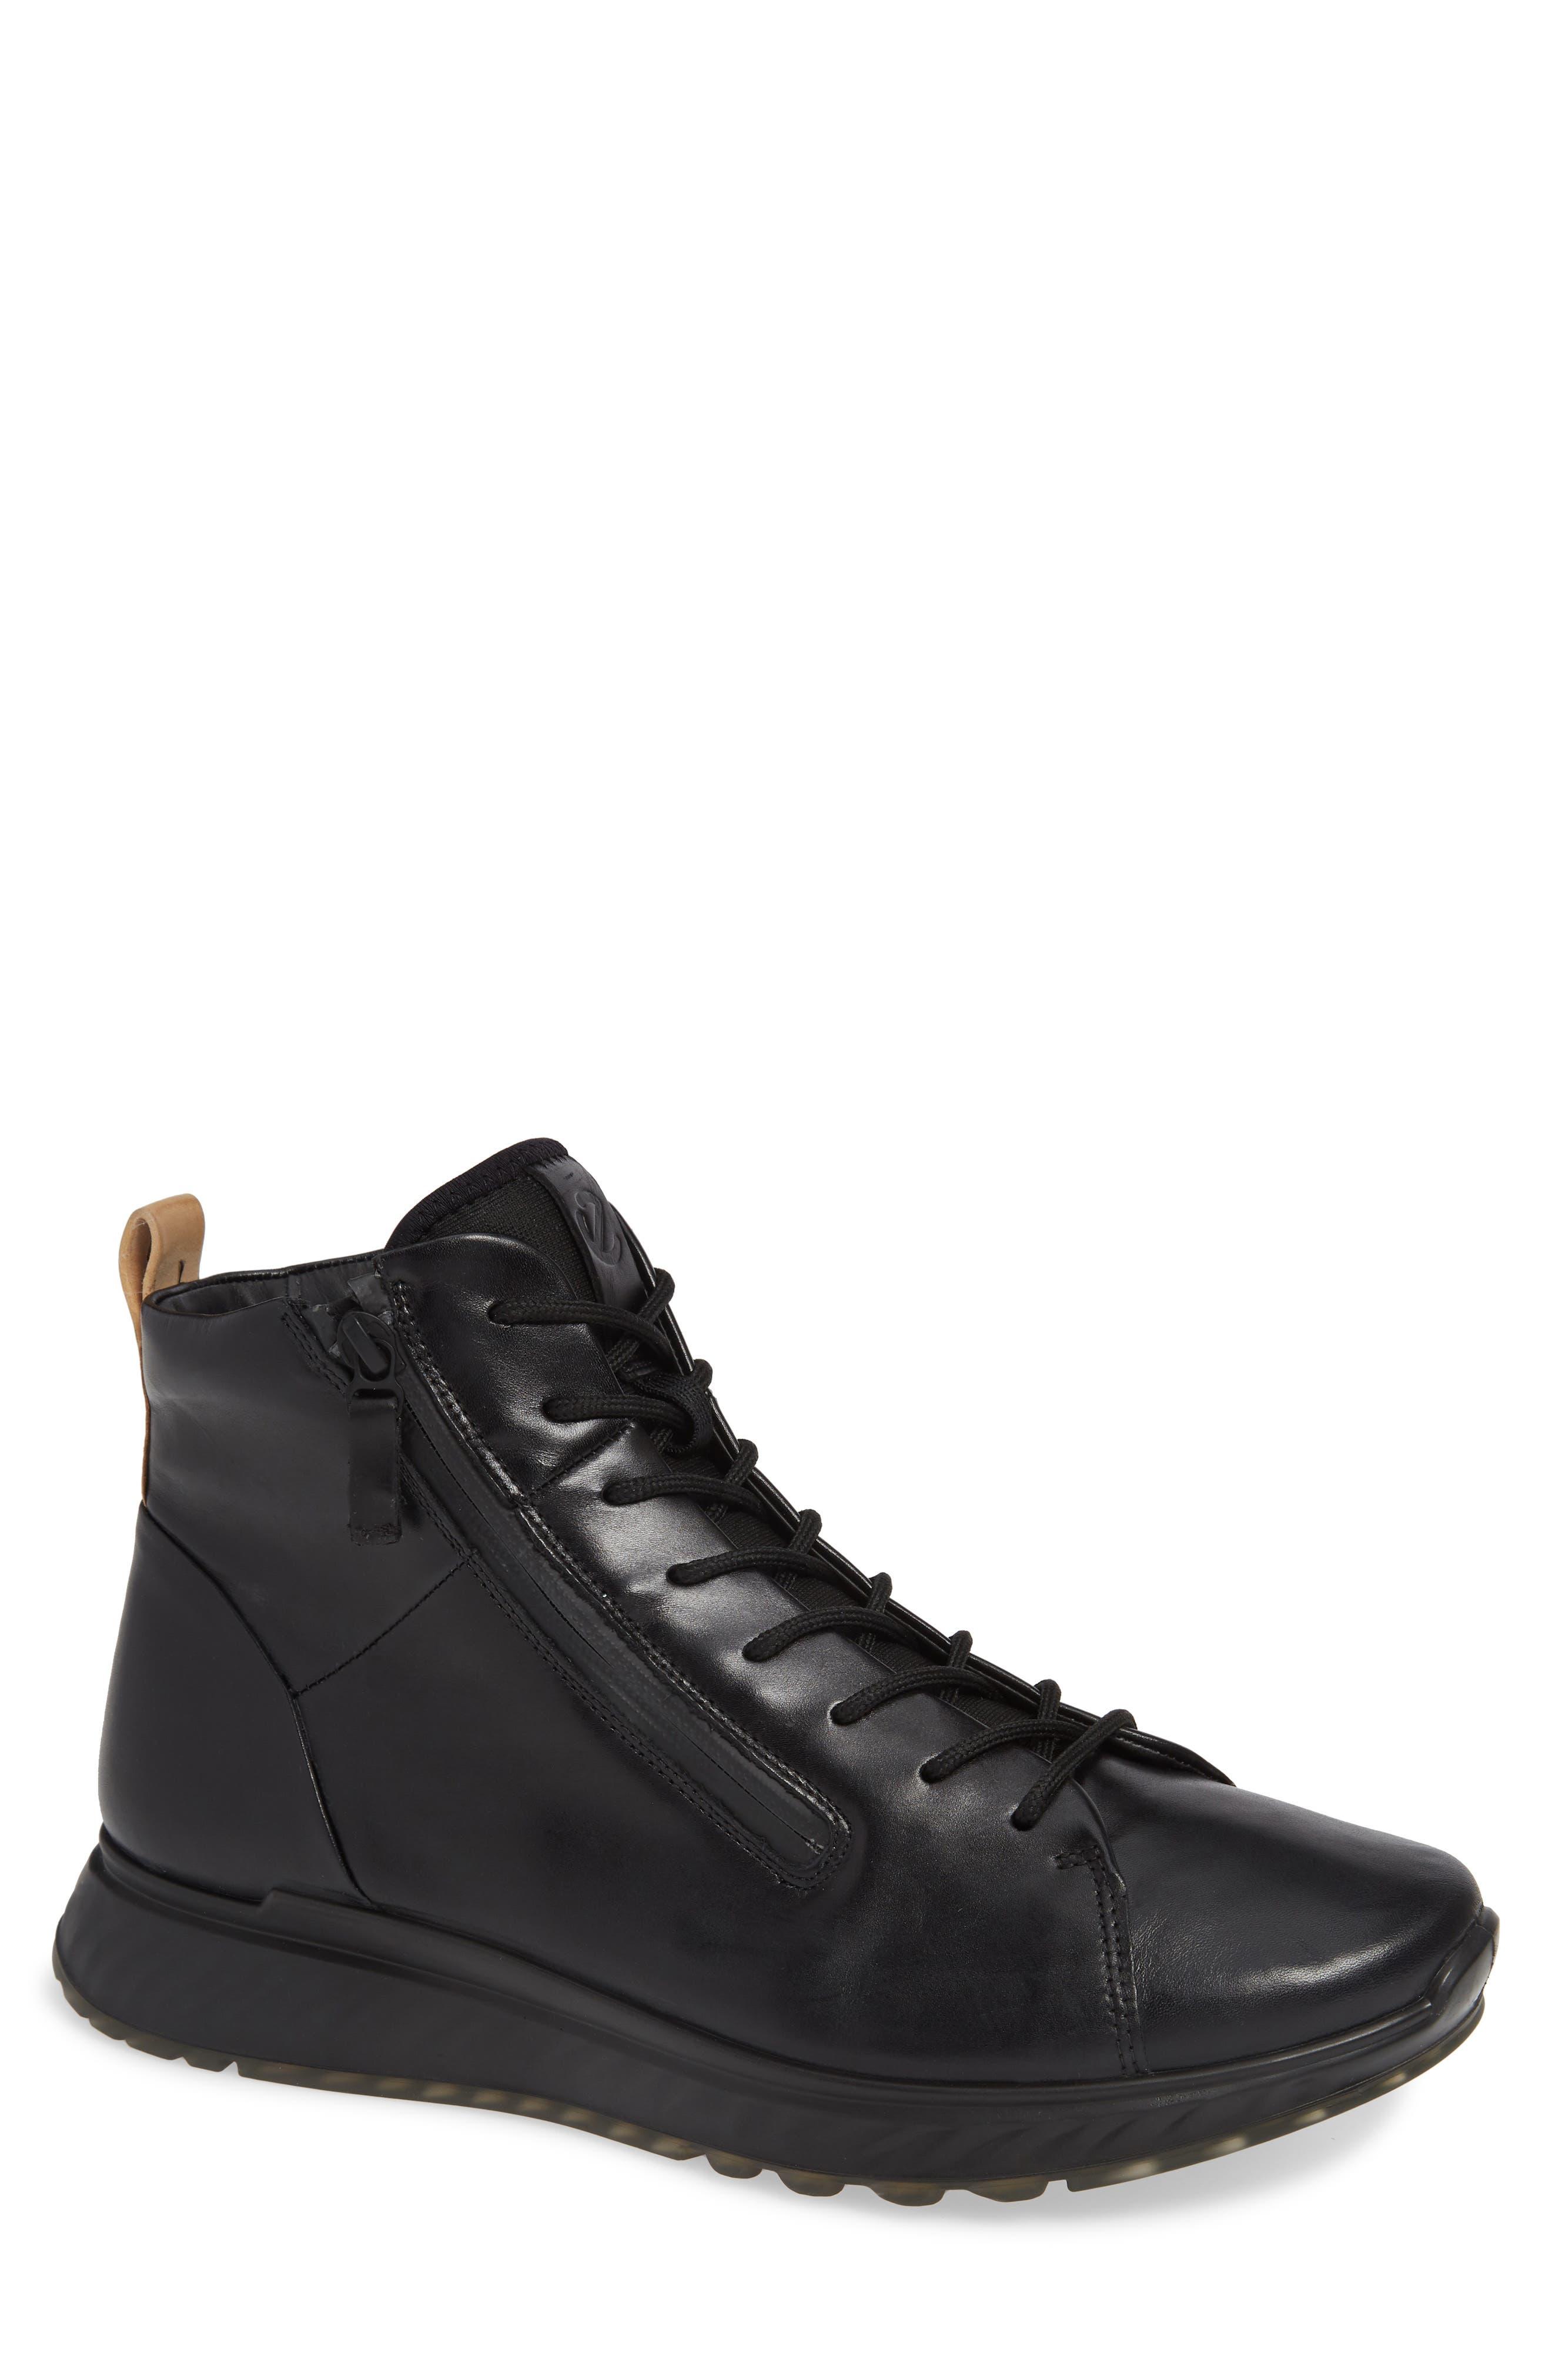 ECCO ST1 High Top Sneaker (Men)   Nordstrom